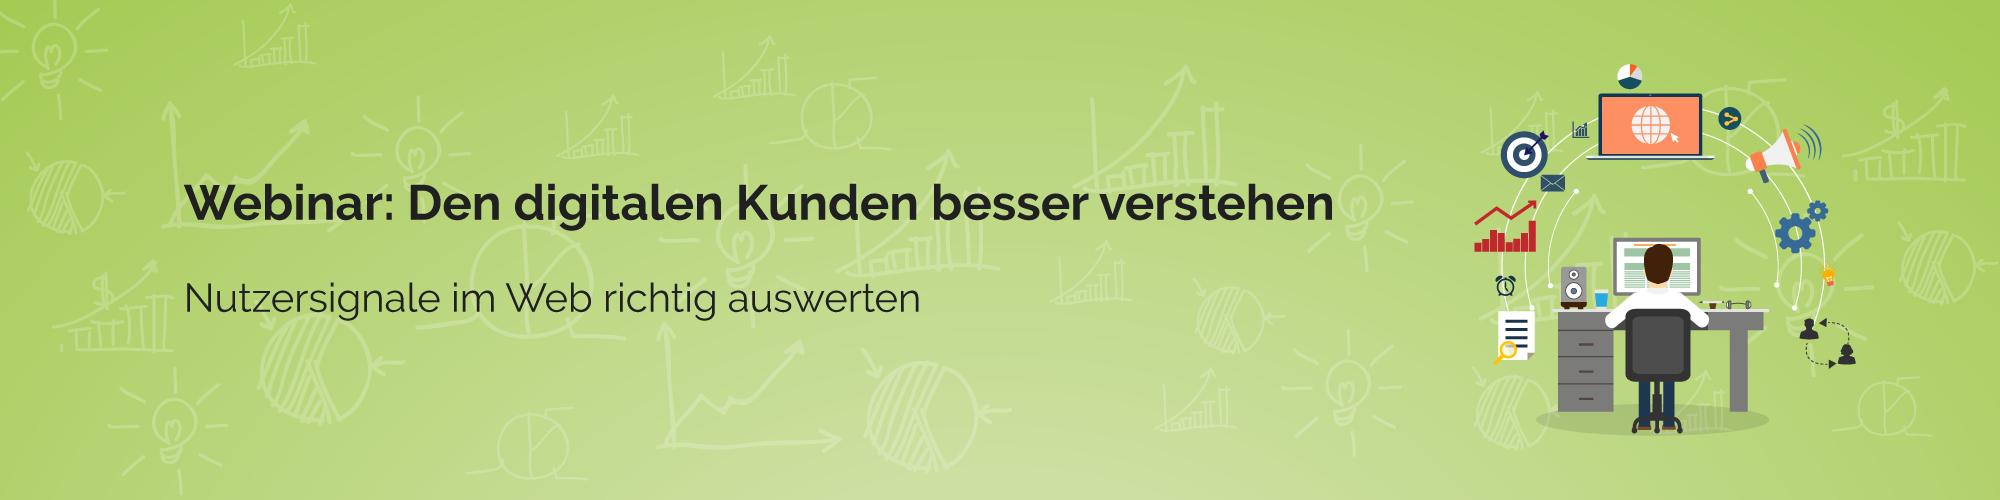 innoplexia-banner-I-Digitalisierung-kompakt-3-Den-digitalen-Kunden-besser-verstehen-2000x500.png